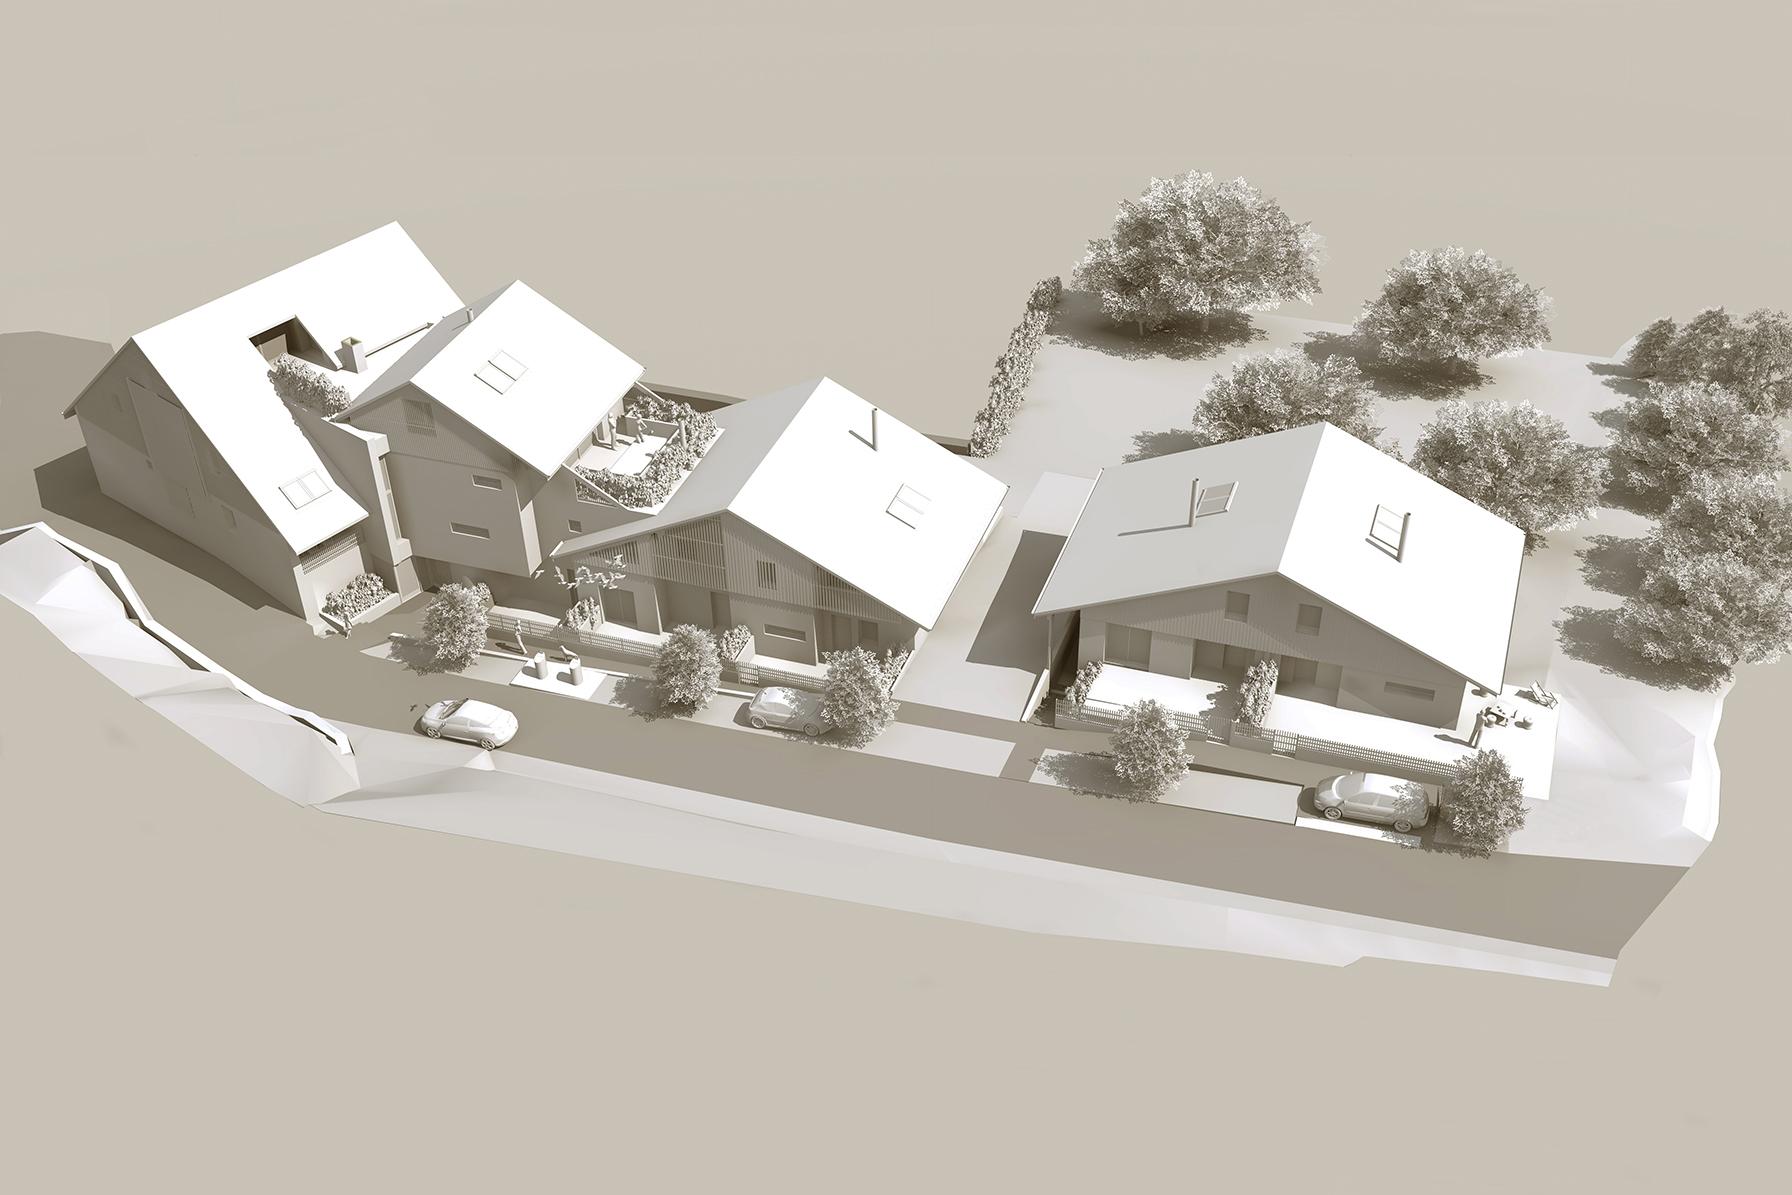 Les Meulières, Logements Collectifs à Mijouet | Architectes: Nelly GUYOT